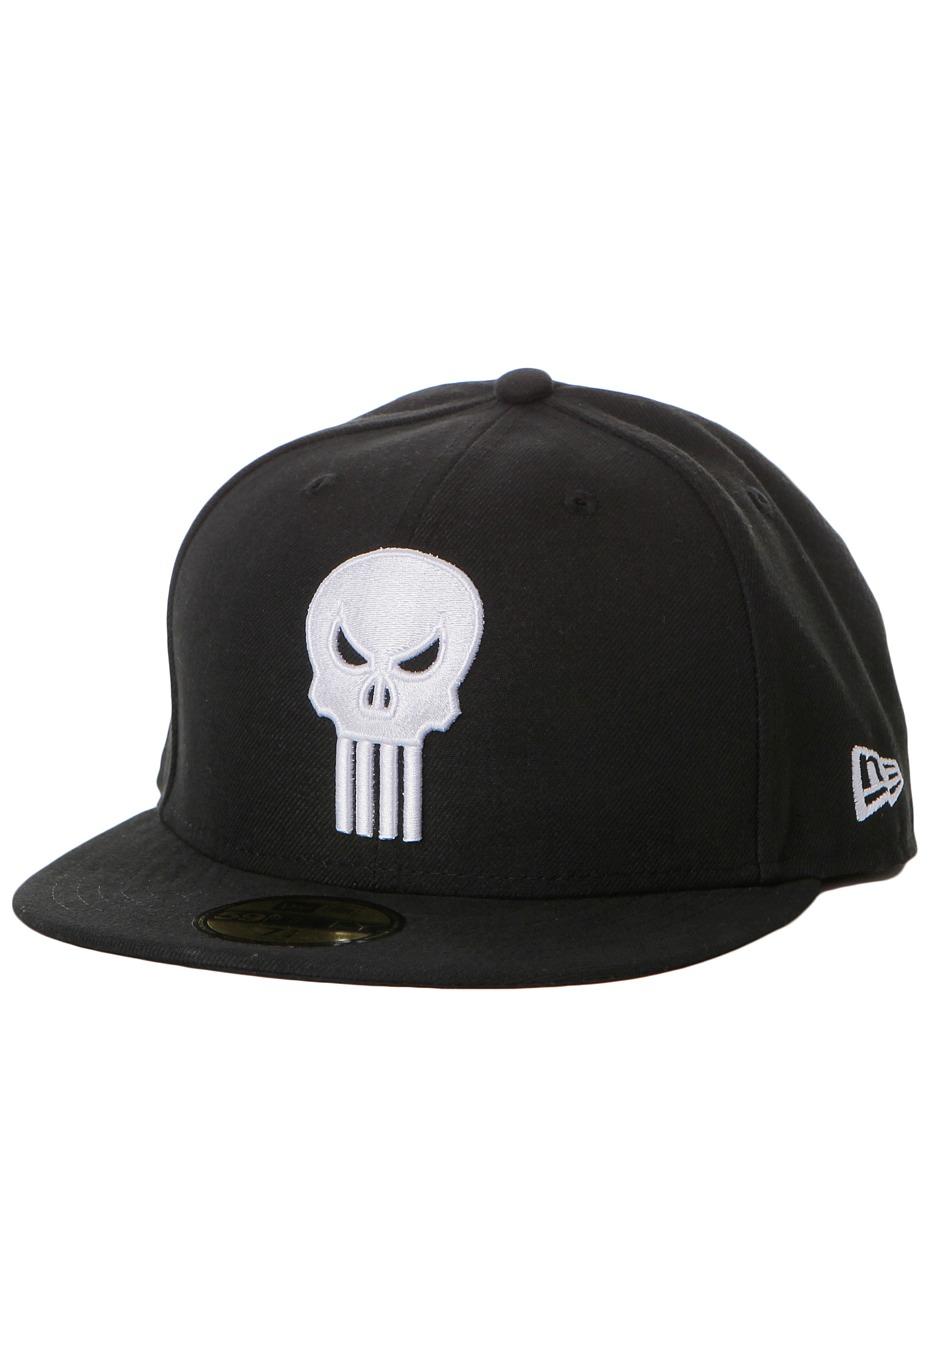 New Era - Basic Badge Punisher - Cap - Impericon.com UK 9469bdbfcb0